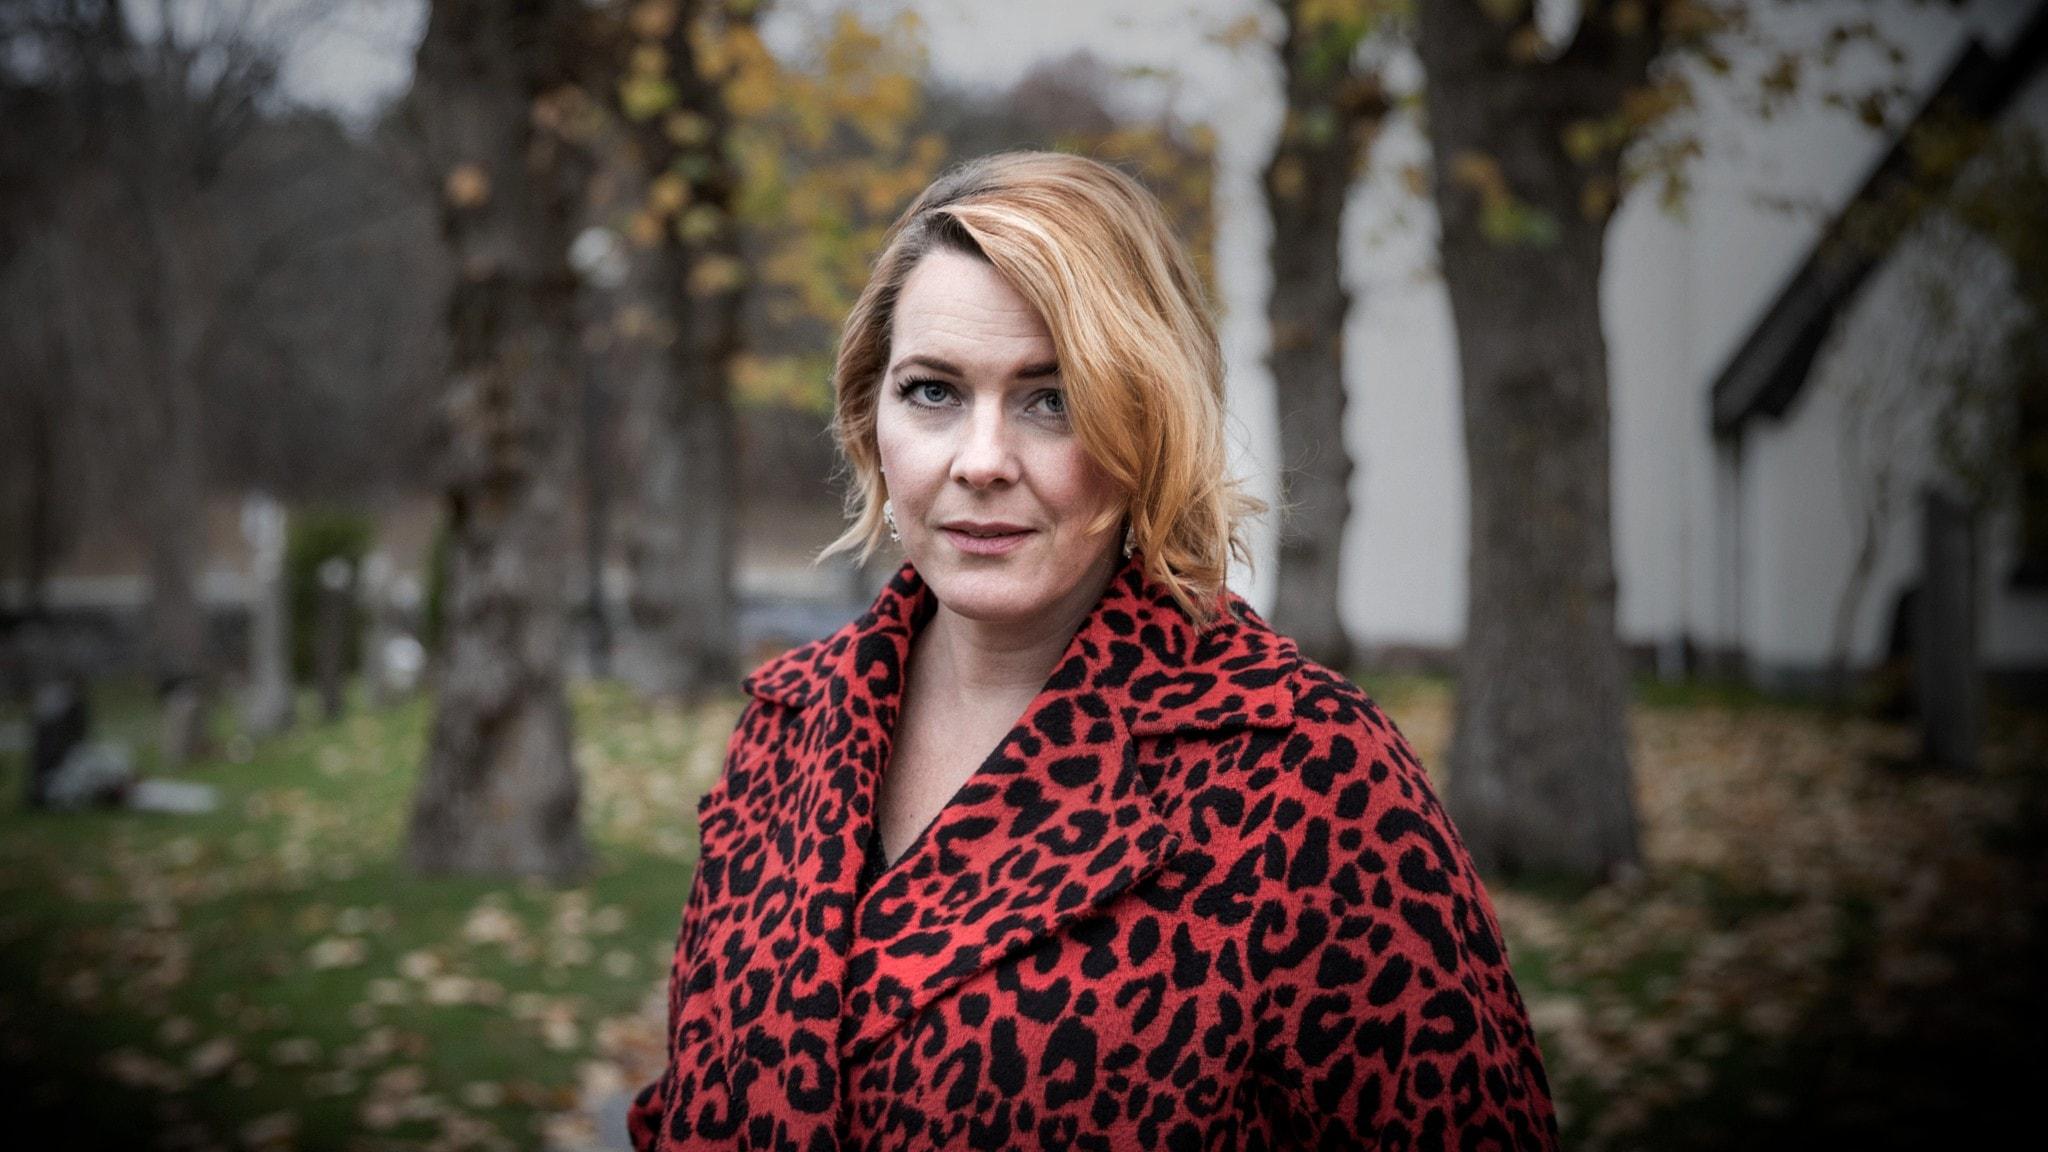 Porträtt av författaren Madeleine Bäck framför en kyrka i höstpräglad utemiljö.